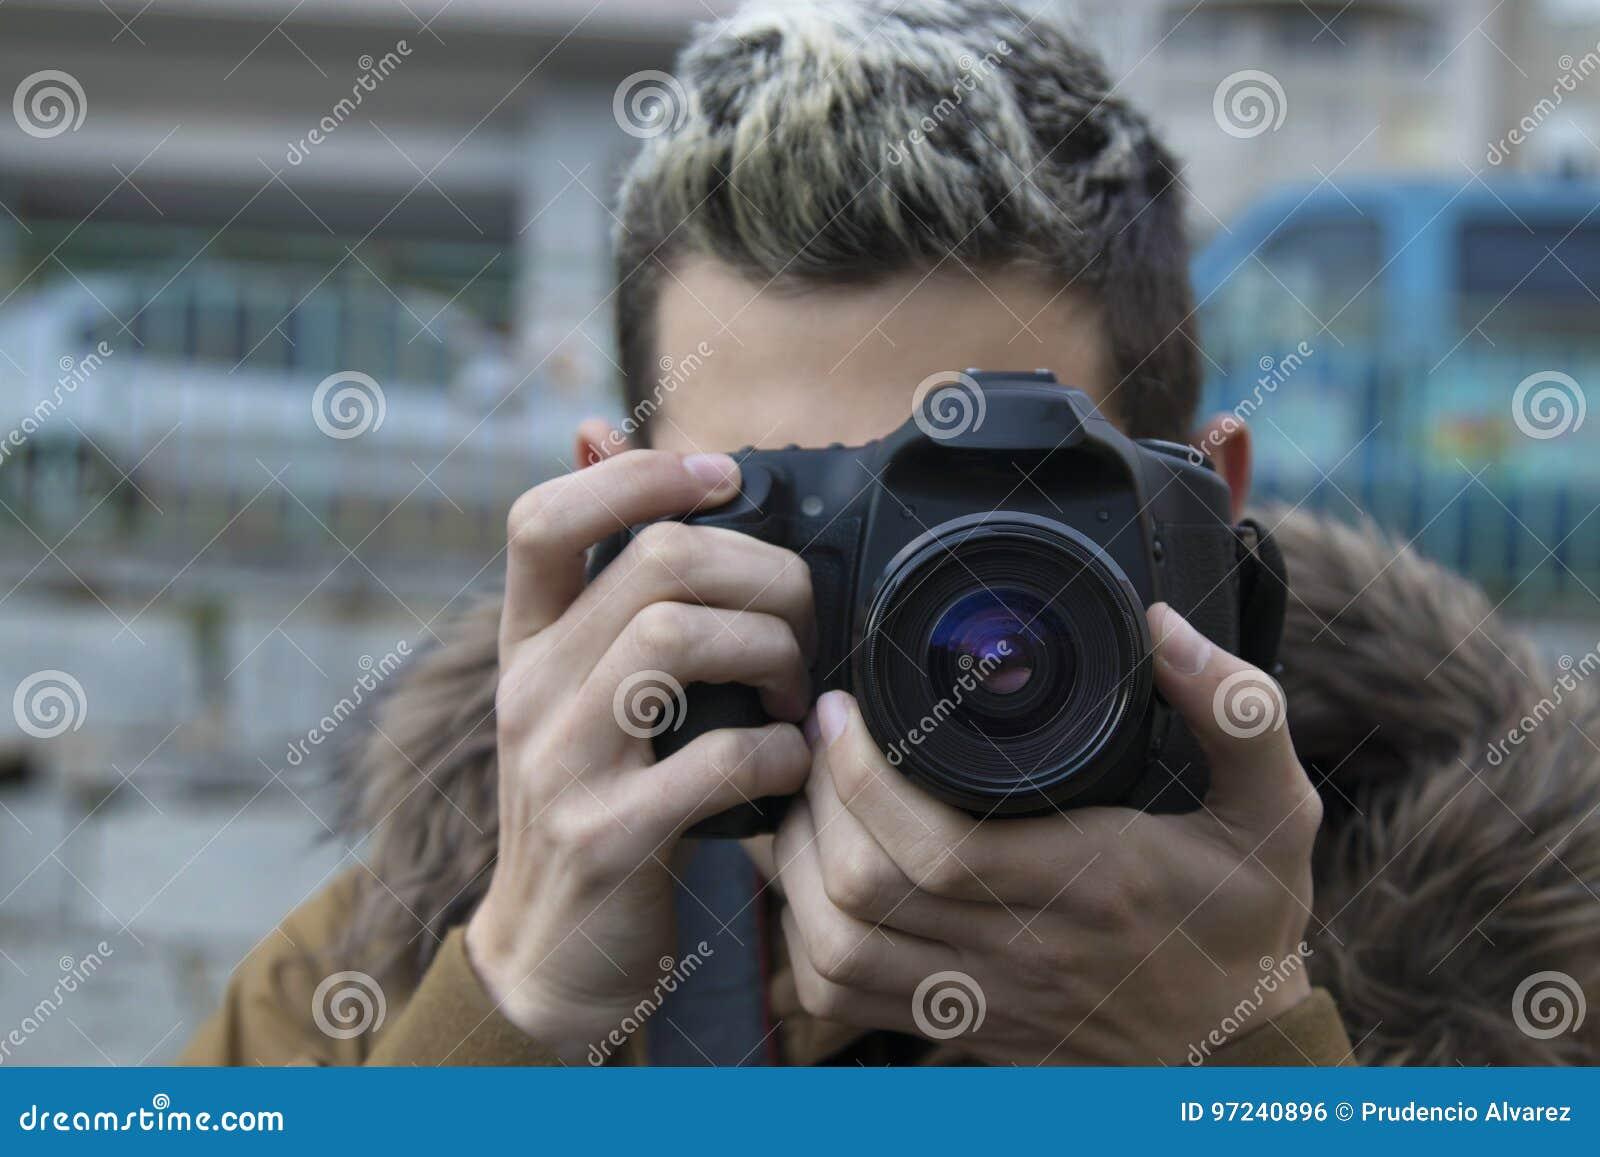 трюки с зеркальным фотоаппаратом тебе года отражаются